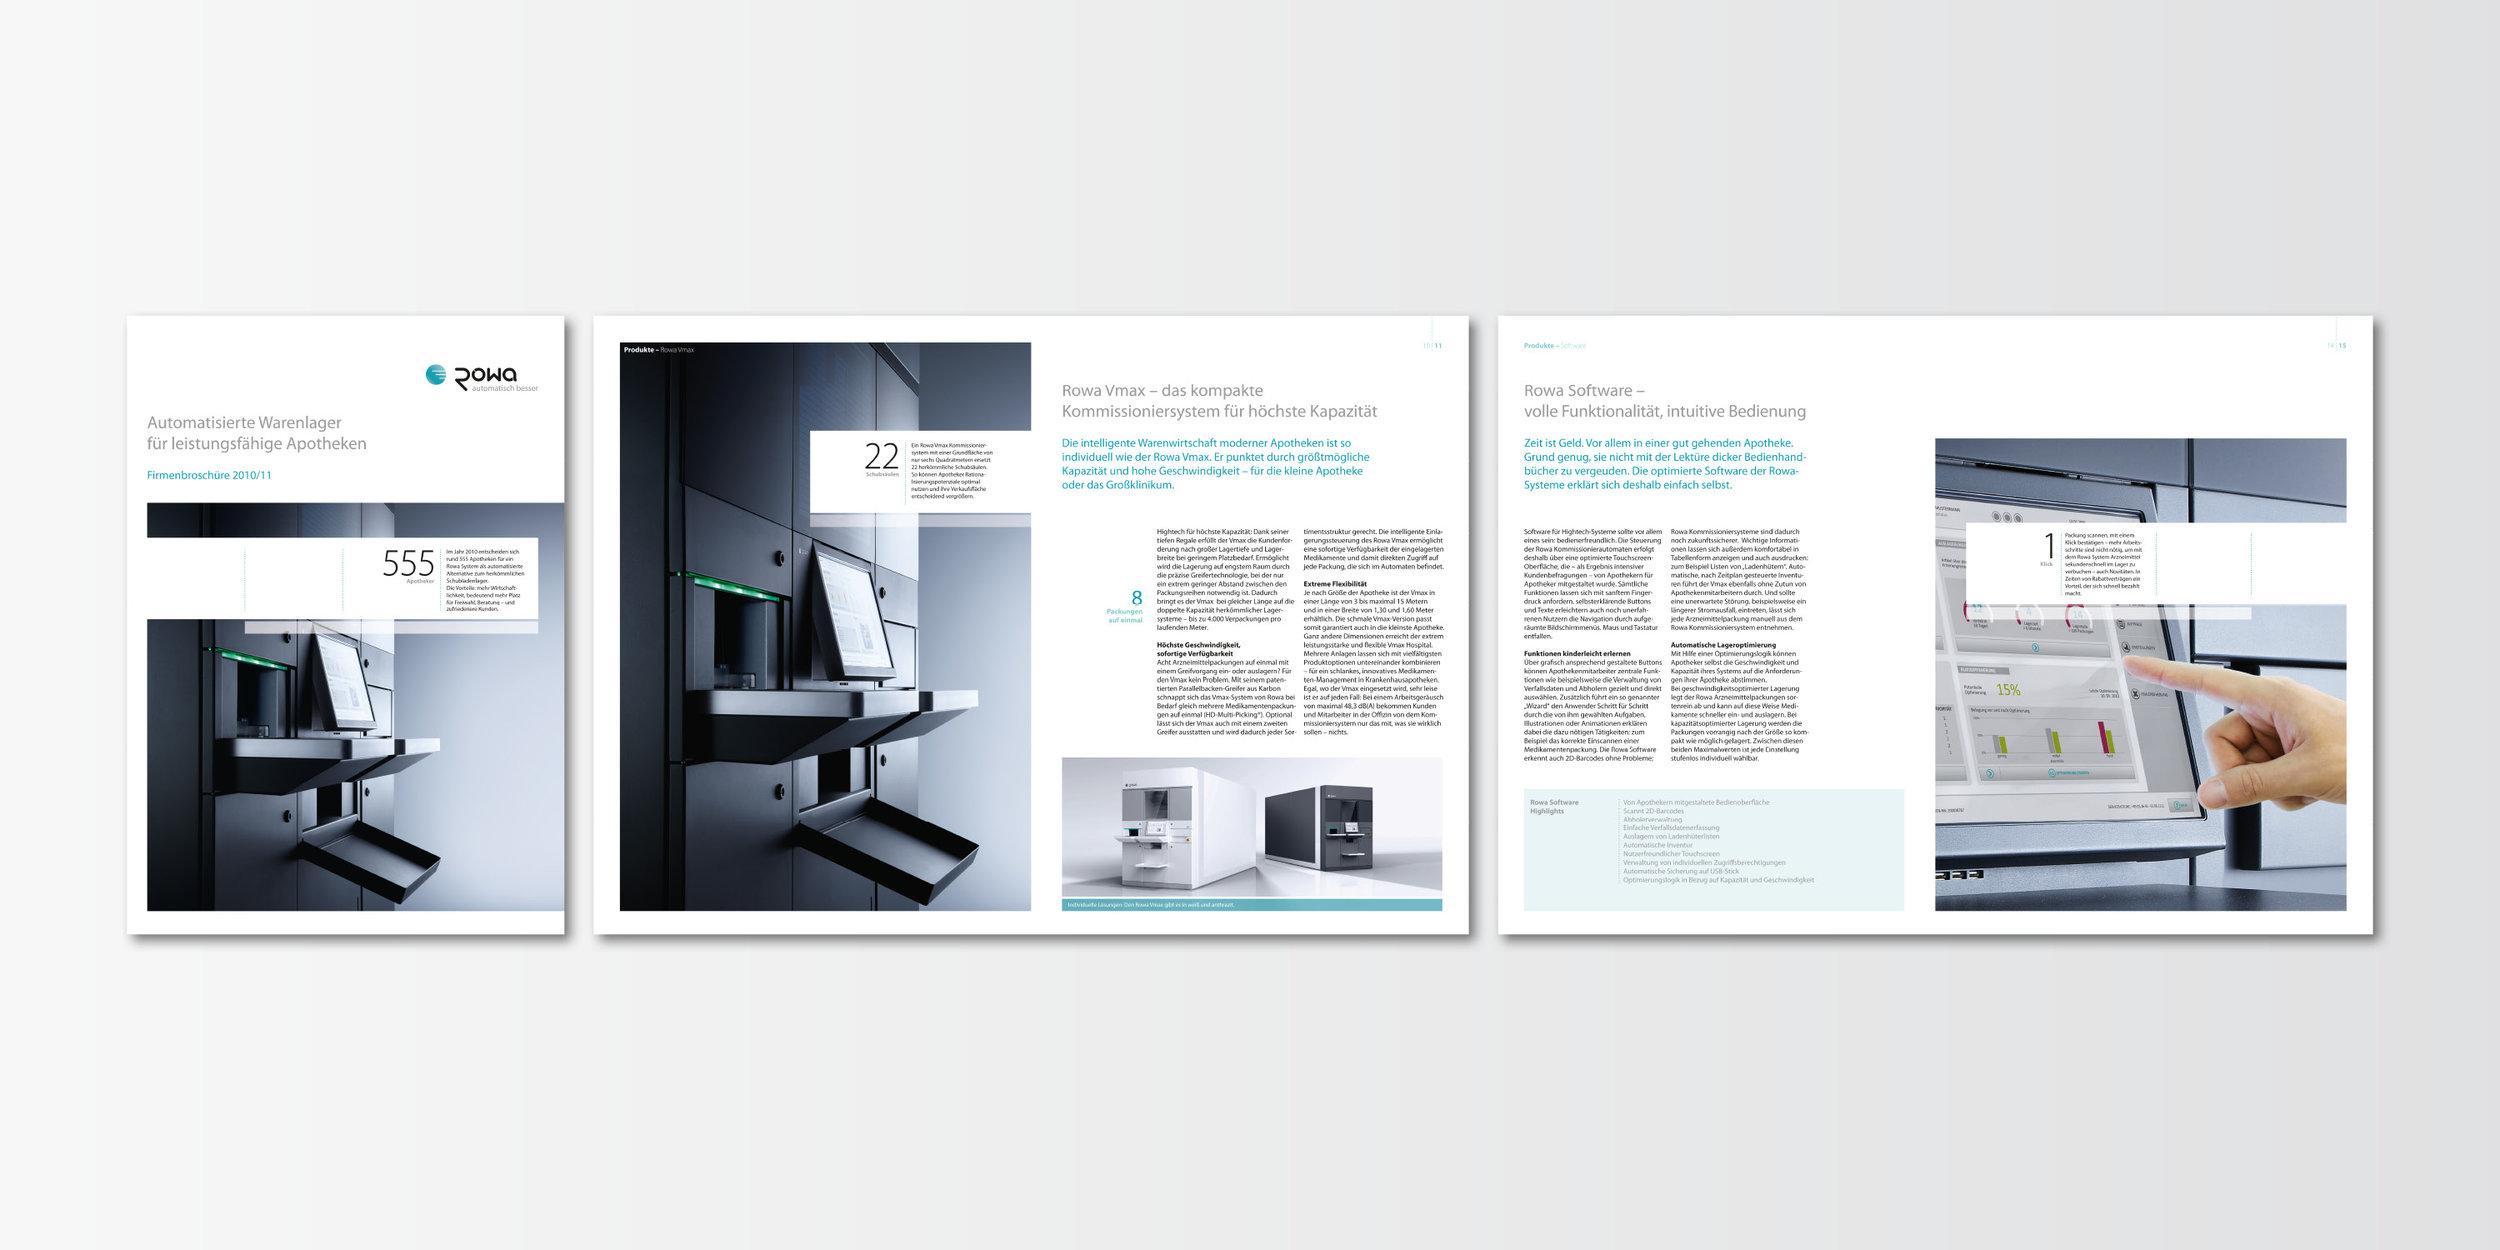 Rowa Corporate Design 04.jpg